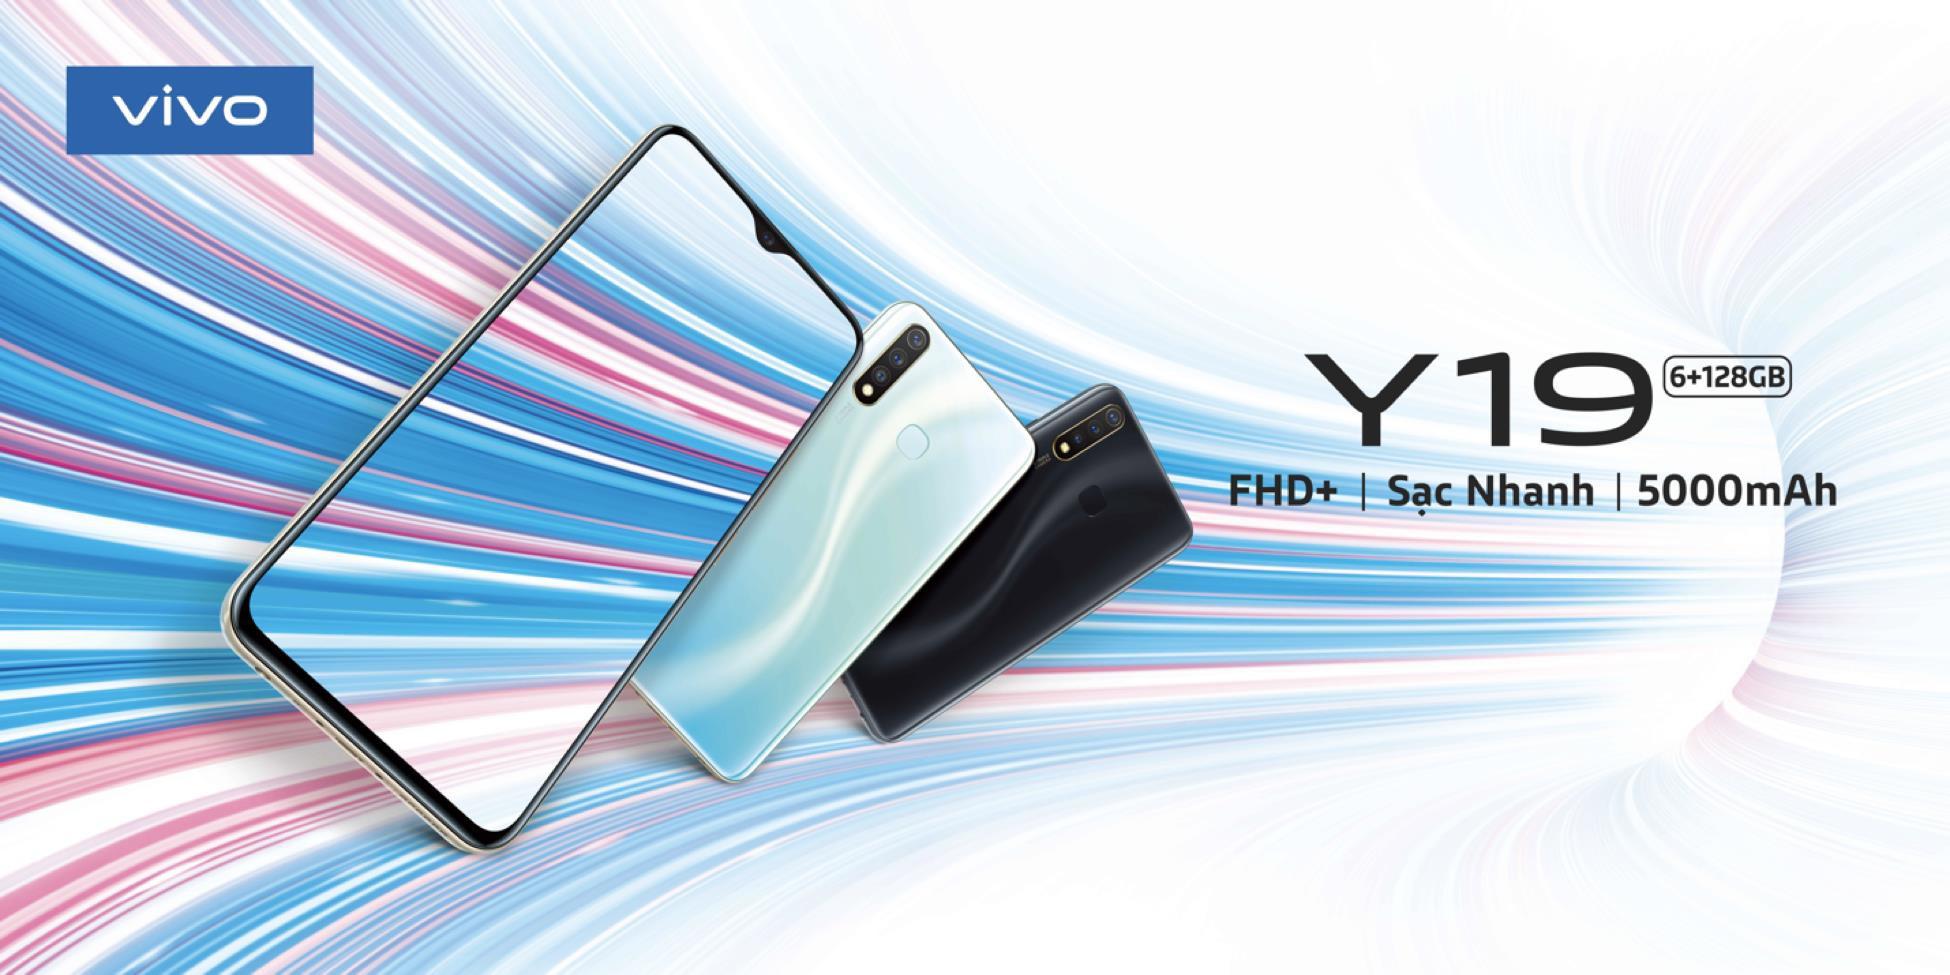 """Vivo Y19: RAM xịn, pin khủng, """"giá ghi bàn"""" sẽ ra mắt vào 01/11 tới đây - Ảnh 2."""